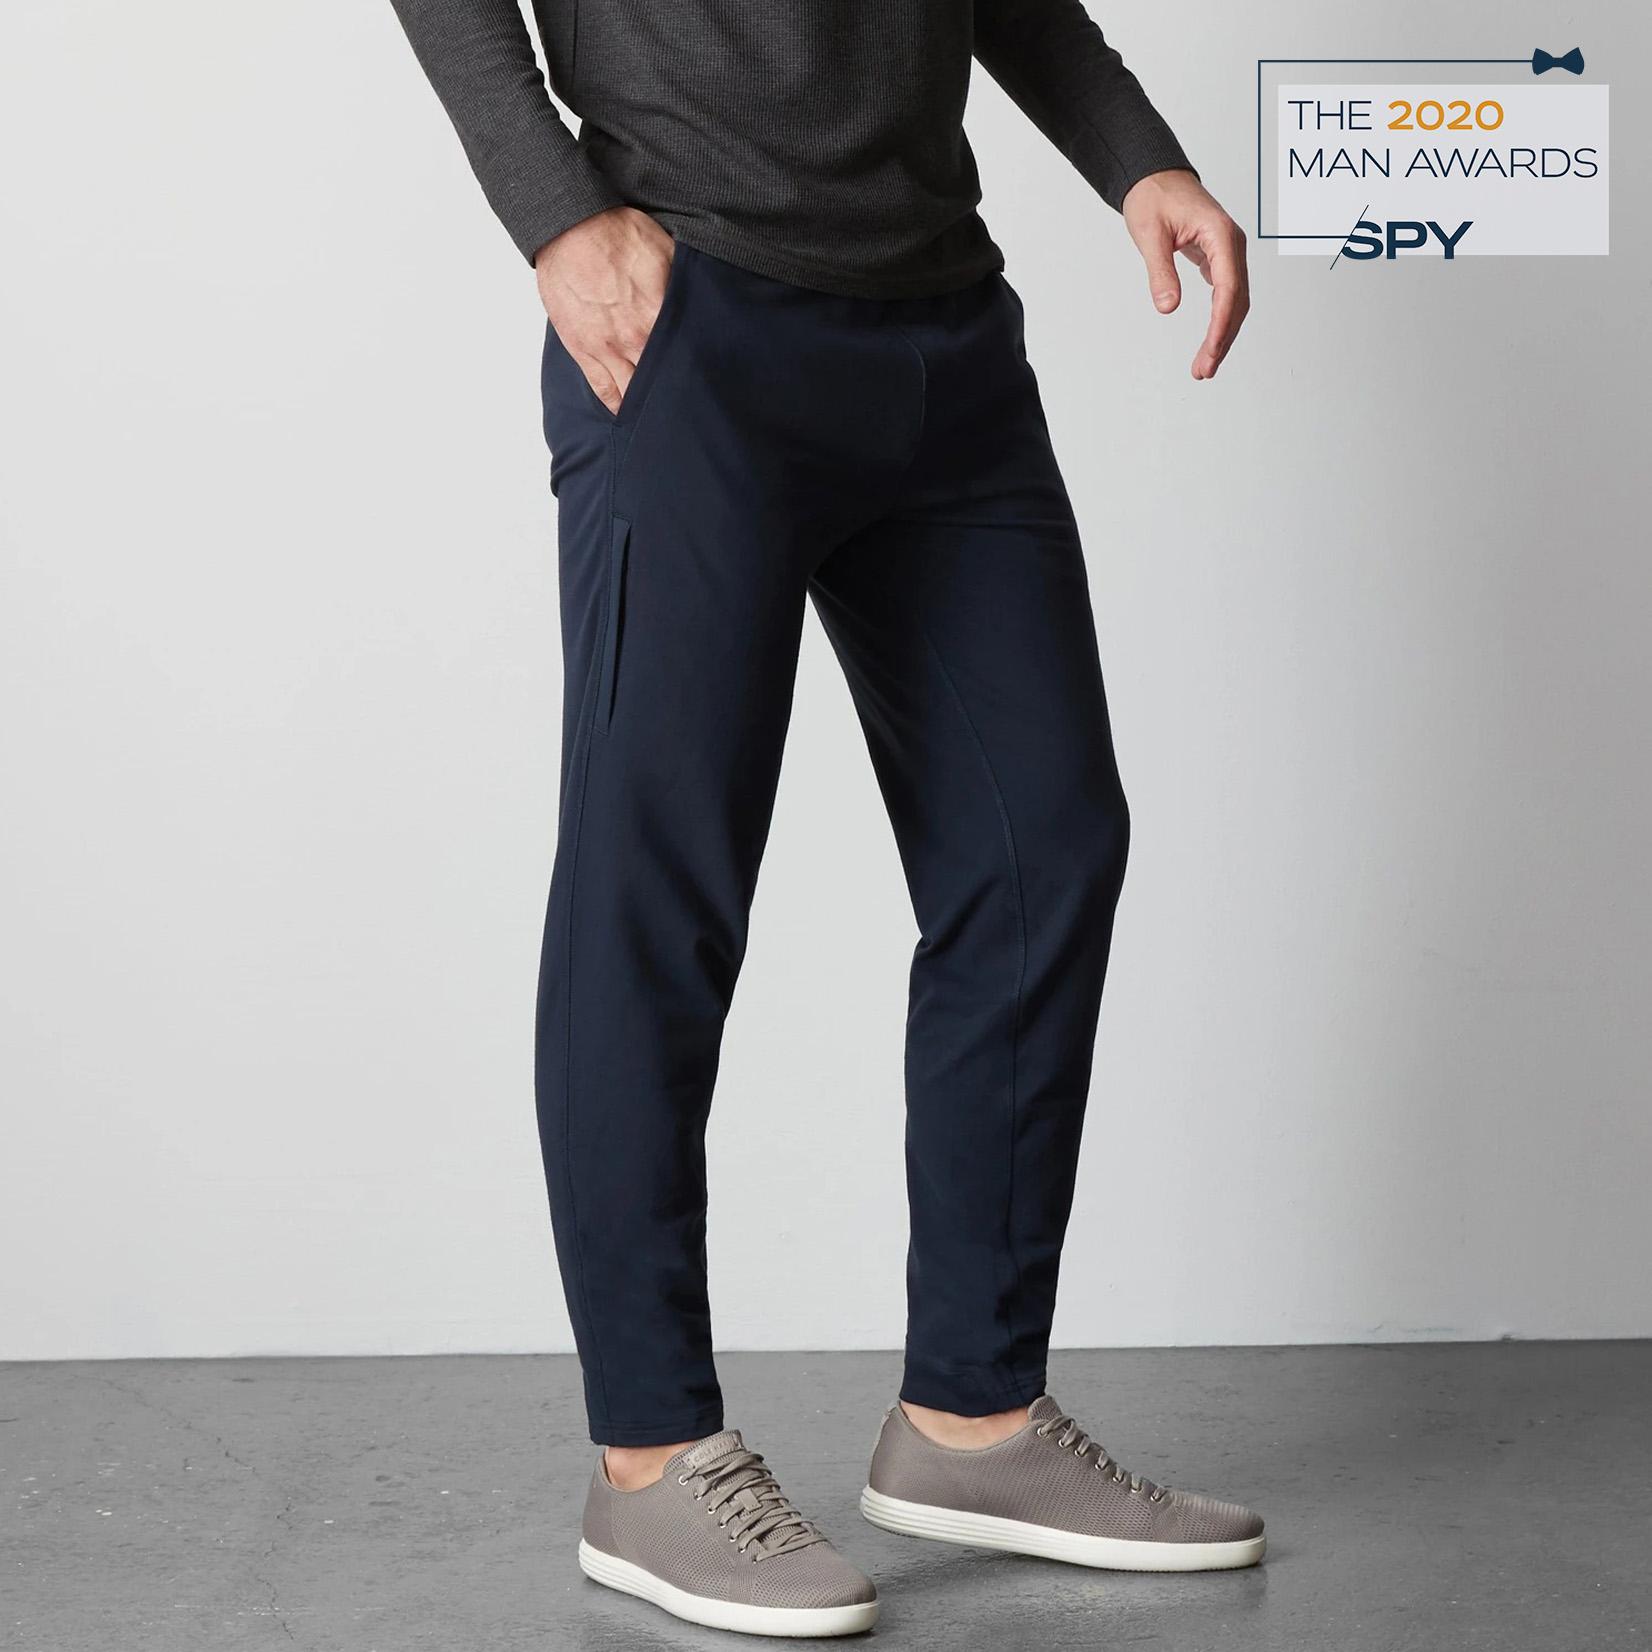 Ace Sweatpants, best men's products of 2020